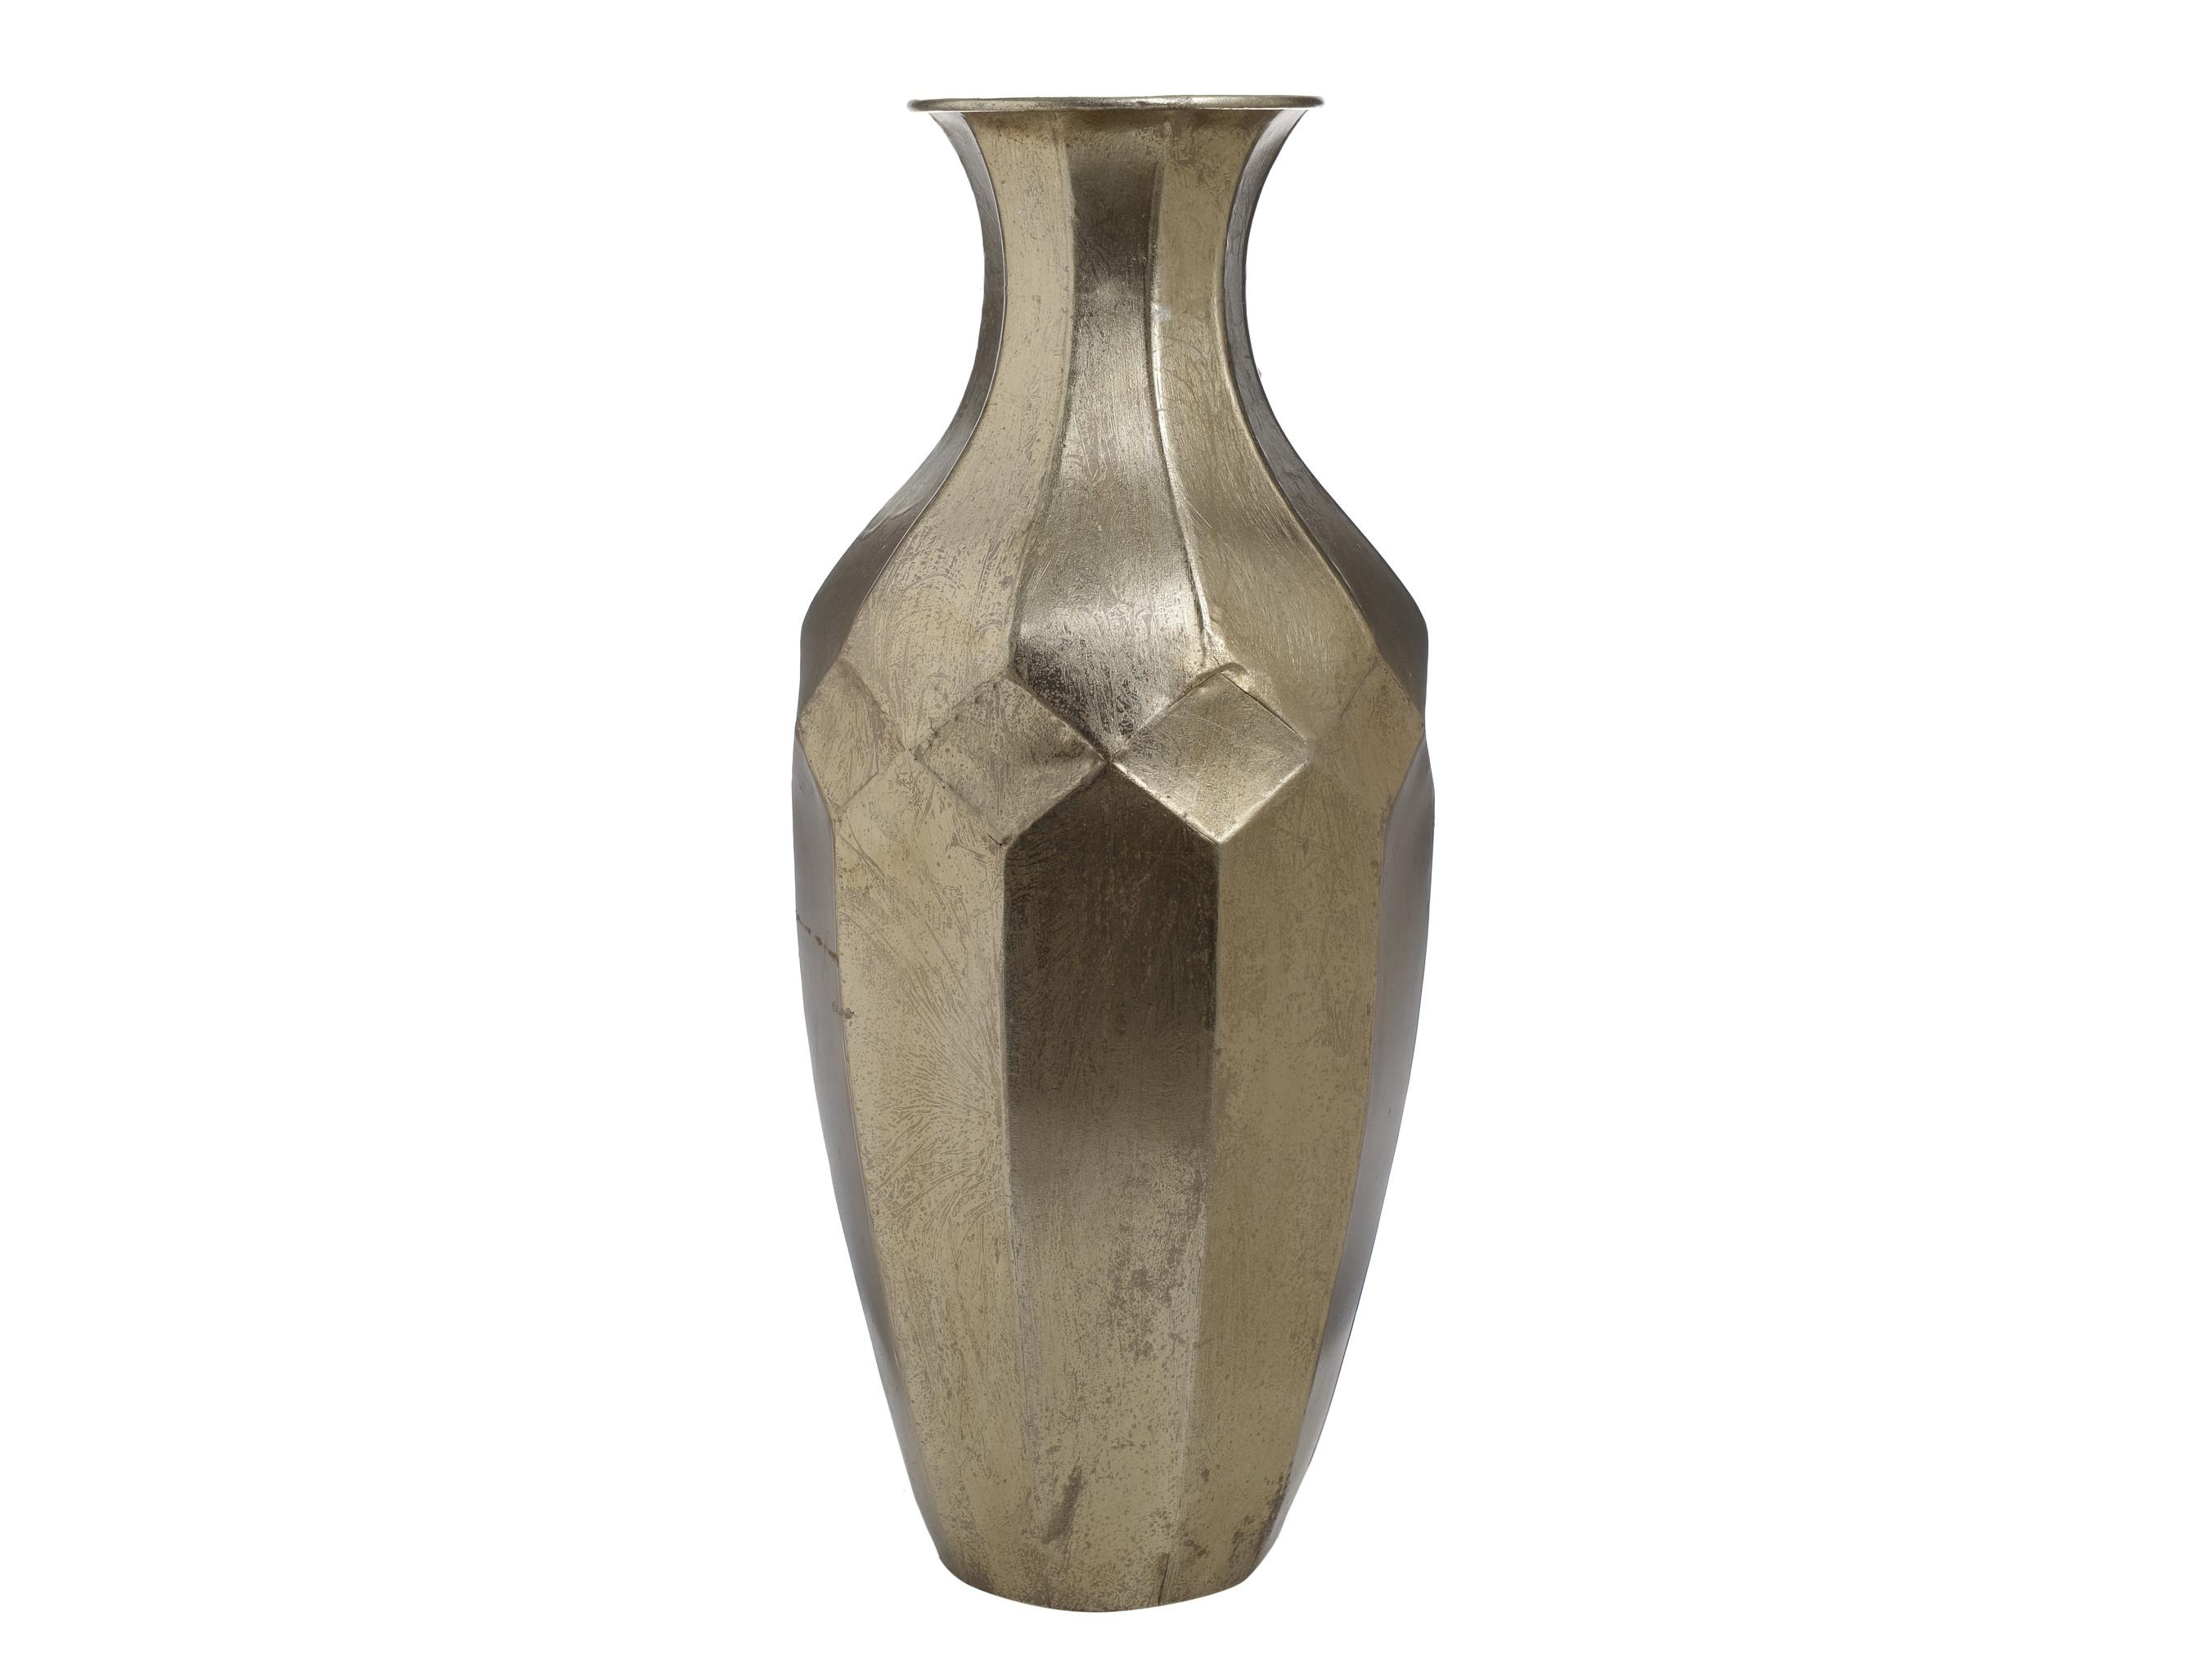 Ваза CadeВазы<br><br><br>Material: Металл<br>Высота см: 55.0